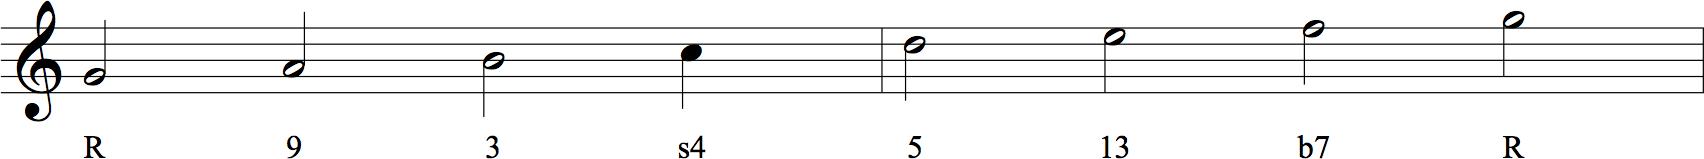 Advanced Chord Scales, Part 2 | Hub Guitar